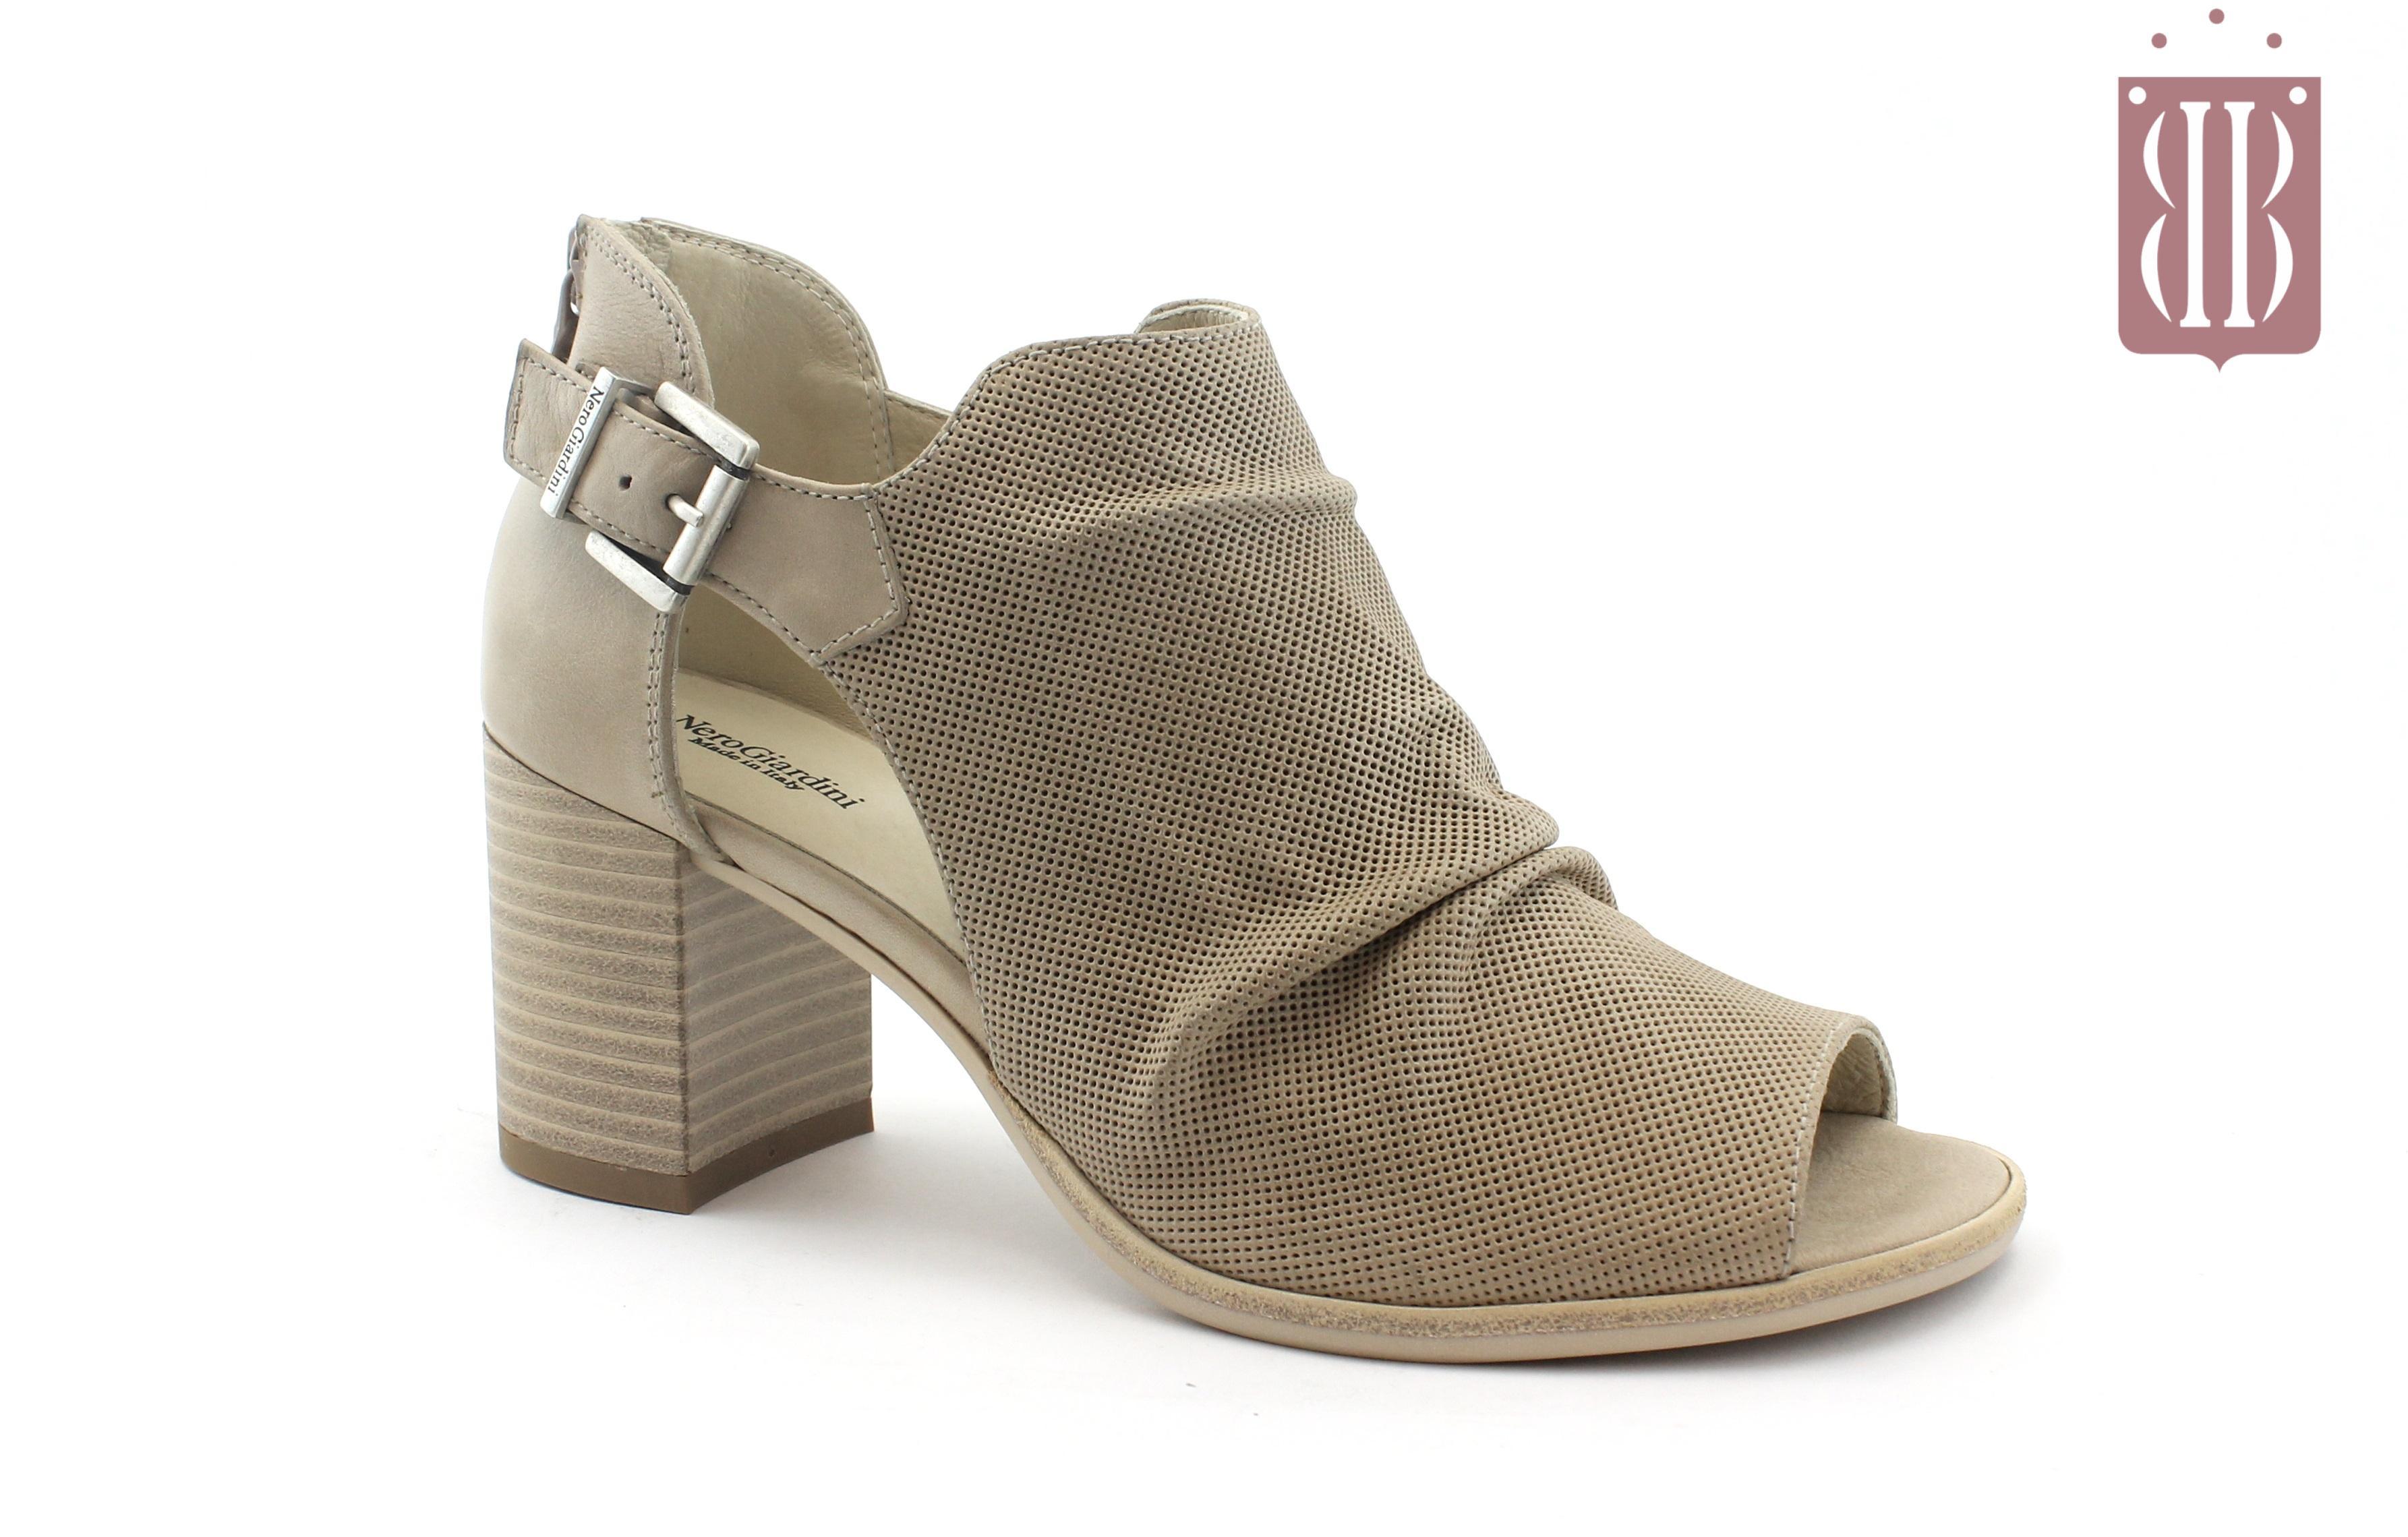 0b4d1f179a NERO GIARDINI 7642 champagne scarpe donna sandalo zip tallone spuntate  fibbia